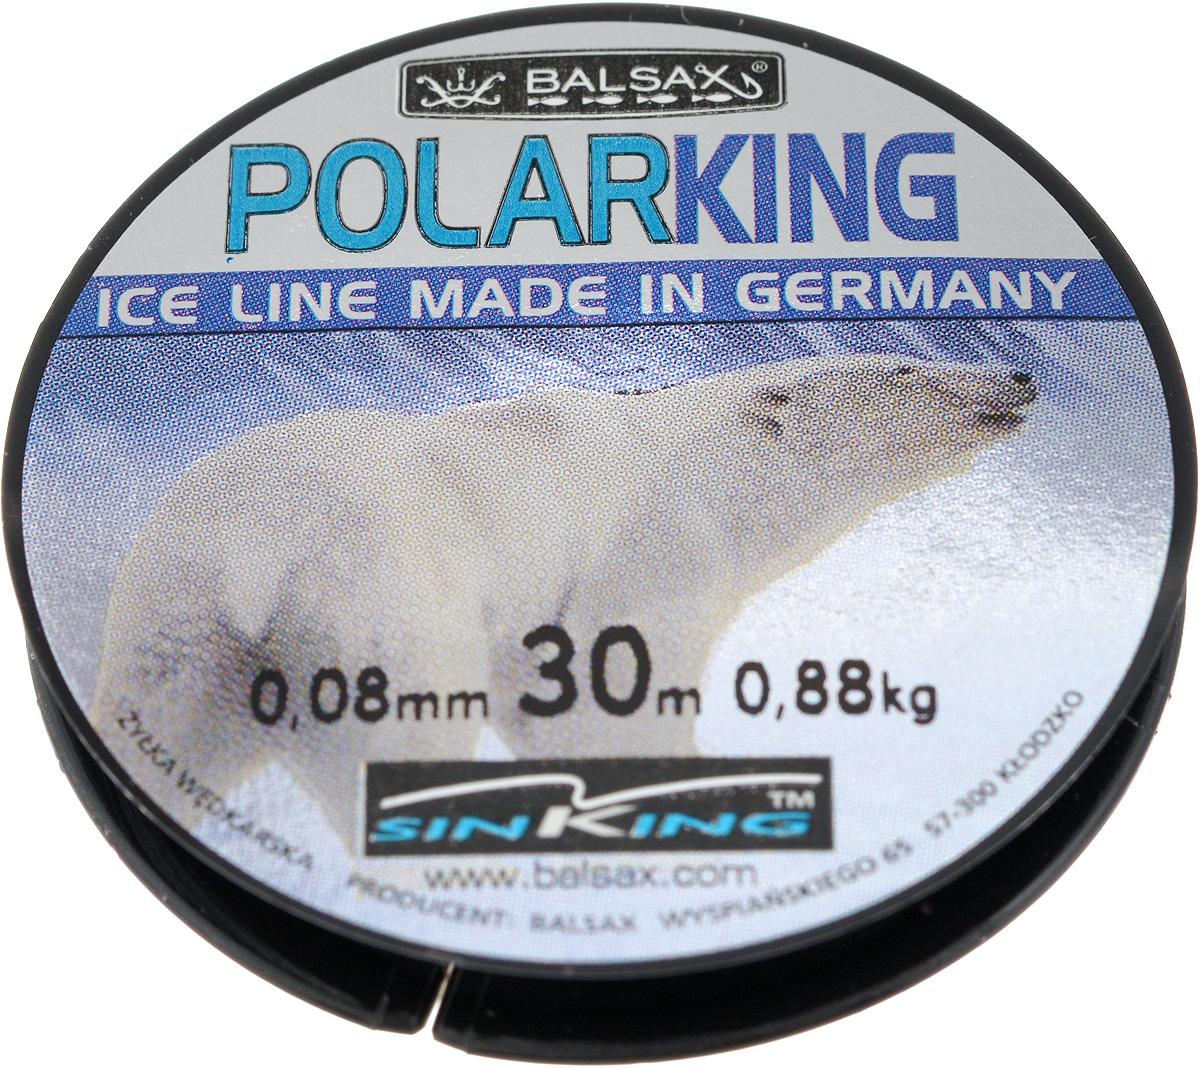 Леска зимняя Balsax Polar King, 30 м, 0,08 мм, 0,88 кг310-13008Леска Balsax Polar King изготовлена из 100% нейлона и очень хорошо выдерживает низкие температуры. Даже в самом холодном климате, при температуре вплоть до -40°C, она сохраняет свои свойства практически без изменений, в то время как традиционные лески становятся менее эластичными и теряют прочность. Поверхность лески обработана таким образом, что она не обмерзает и отлично подходит для подледного лова. Прочна в местах вязки узлов даже при минимальном диаметре.